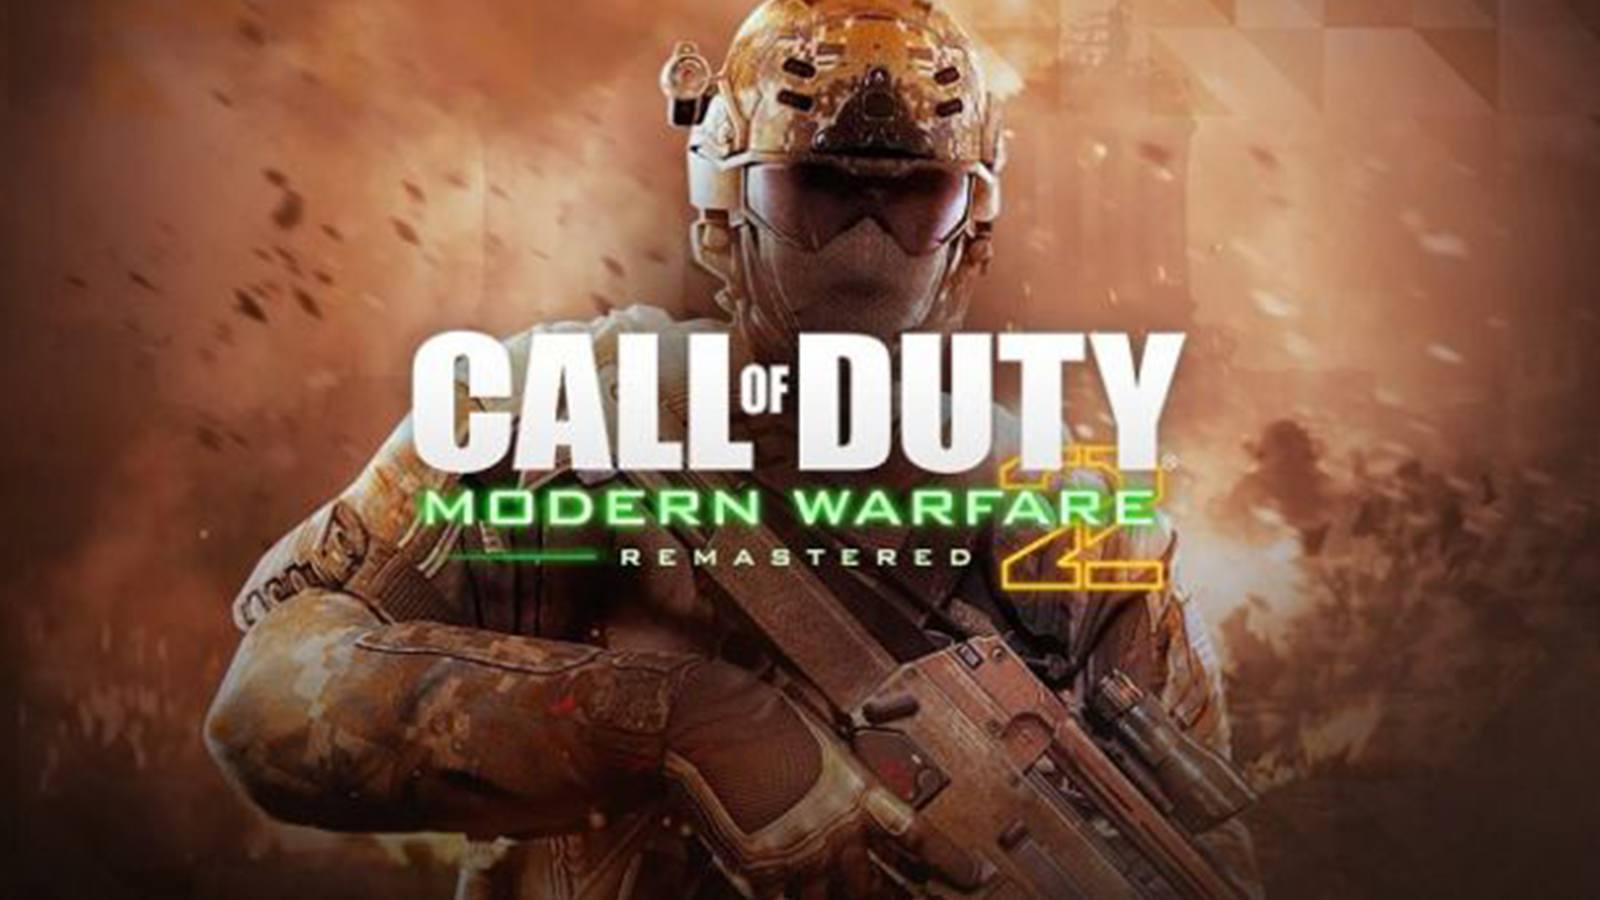 Multijoueur de Modern Warfare 2 Remastered